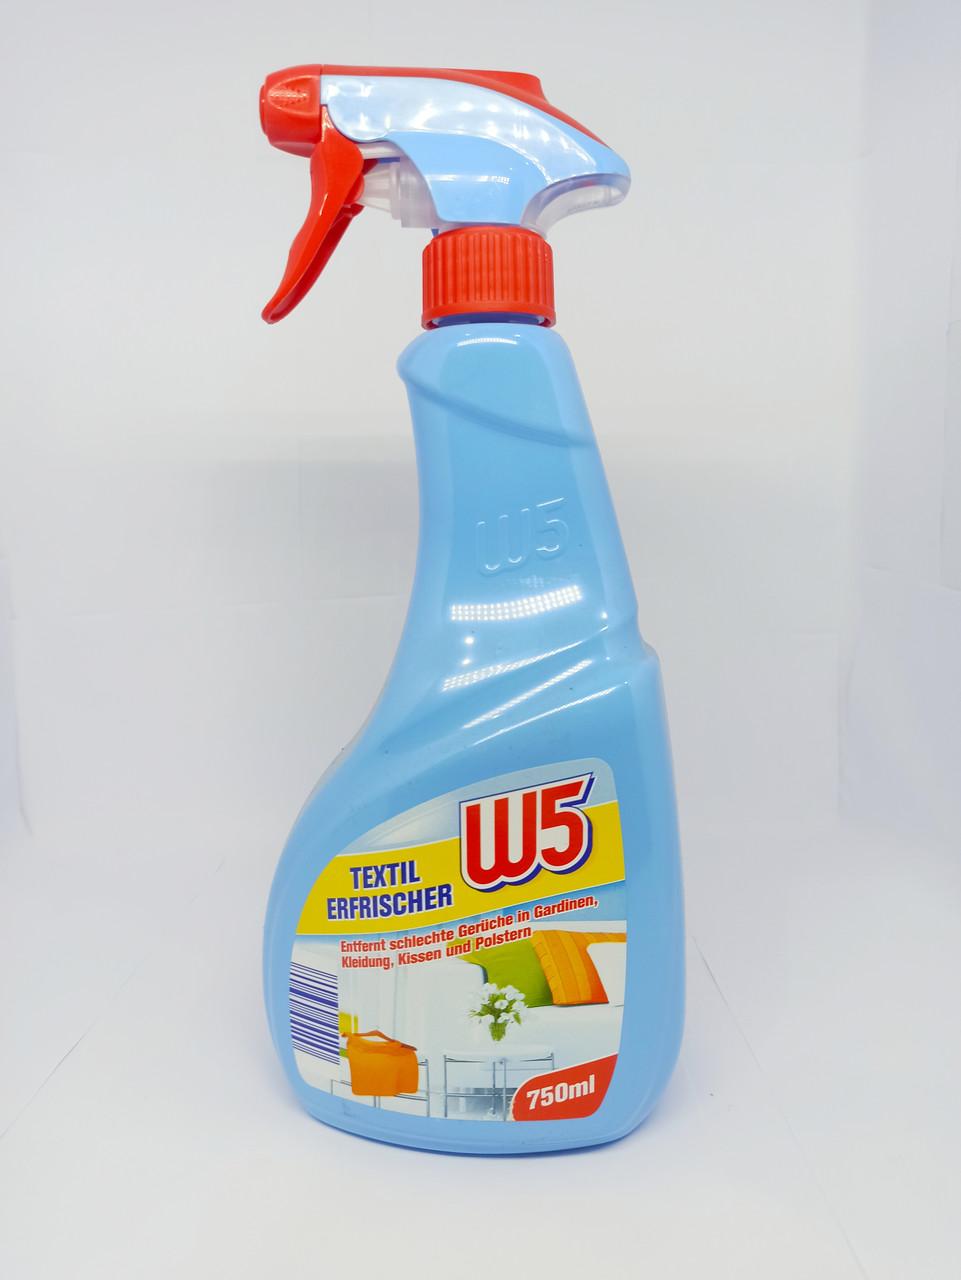 W5 Textil спрей освіжувач для одягу 750ml